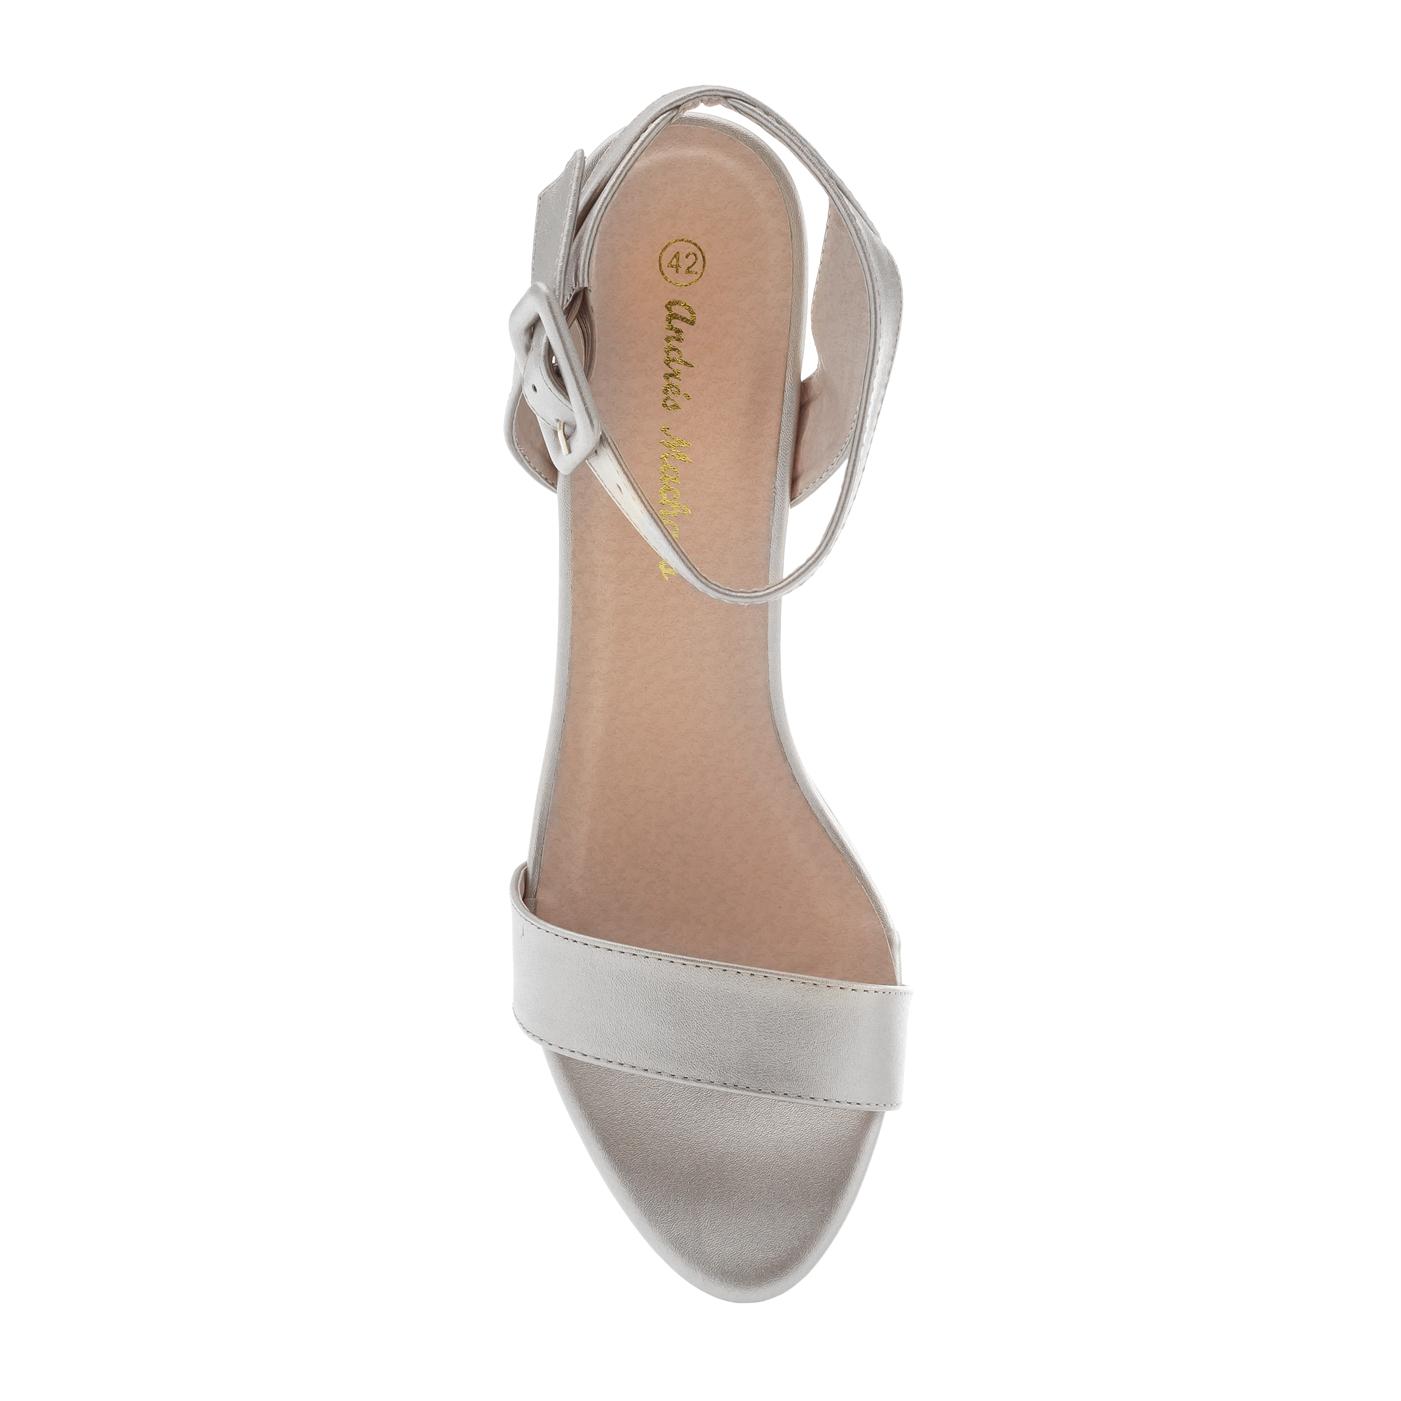 Páskové sandále, vysoký podpatek. Stříbrné.